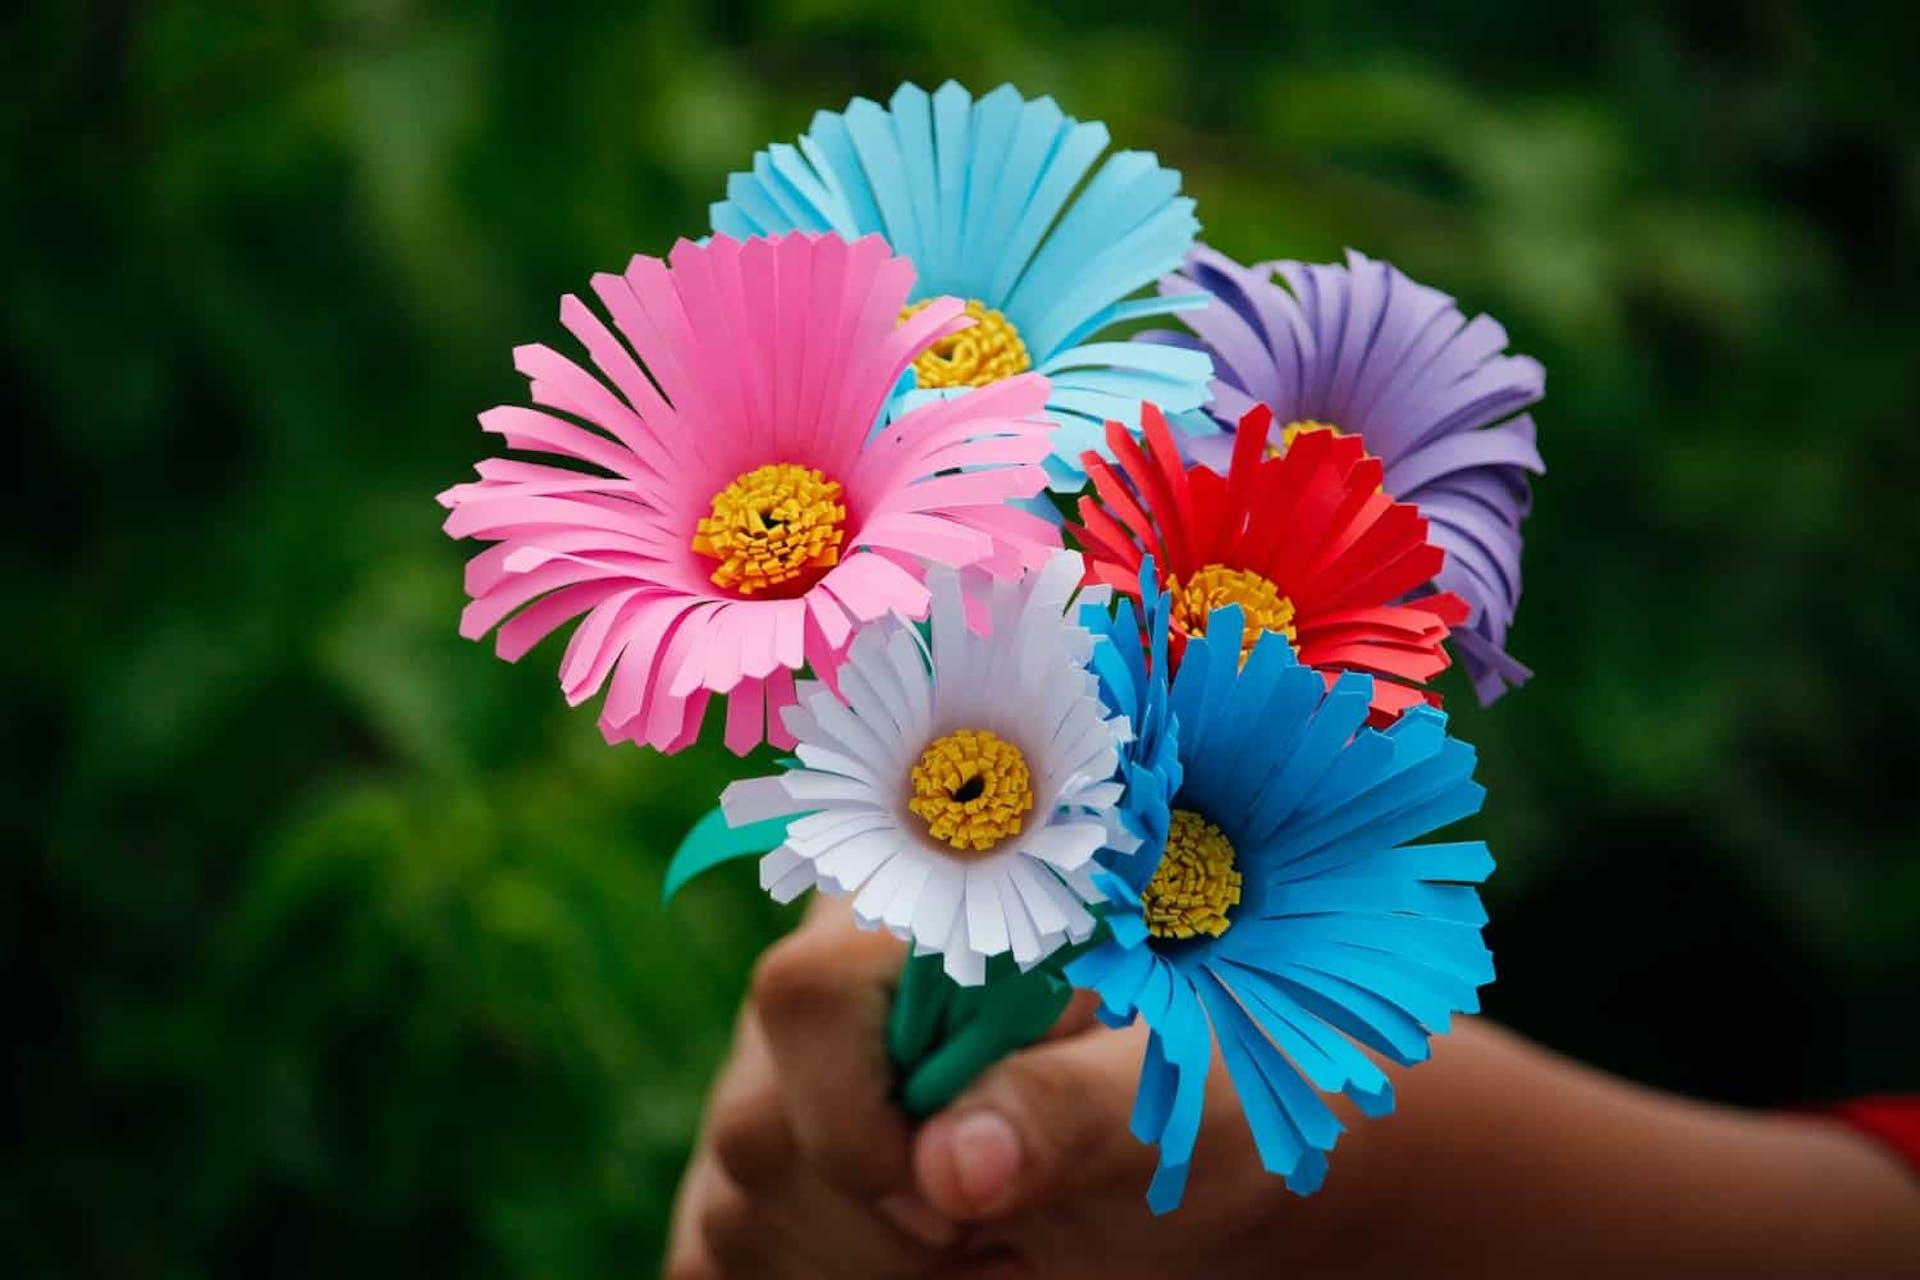 ¿Cómo hacer flores de papel? 5 diseños fáciles y bonitos para decorar tu casa